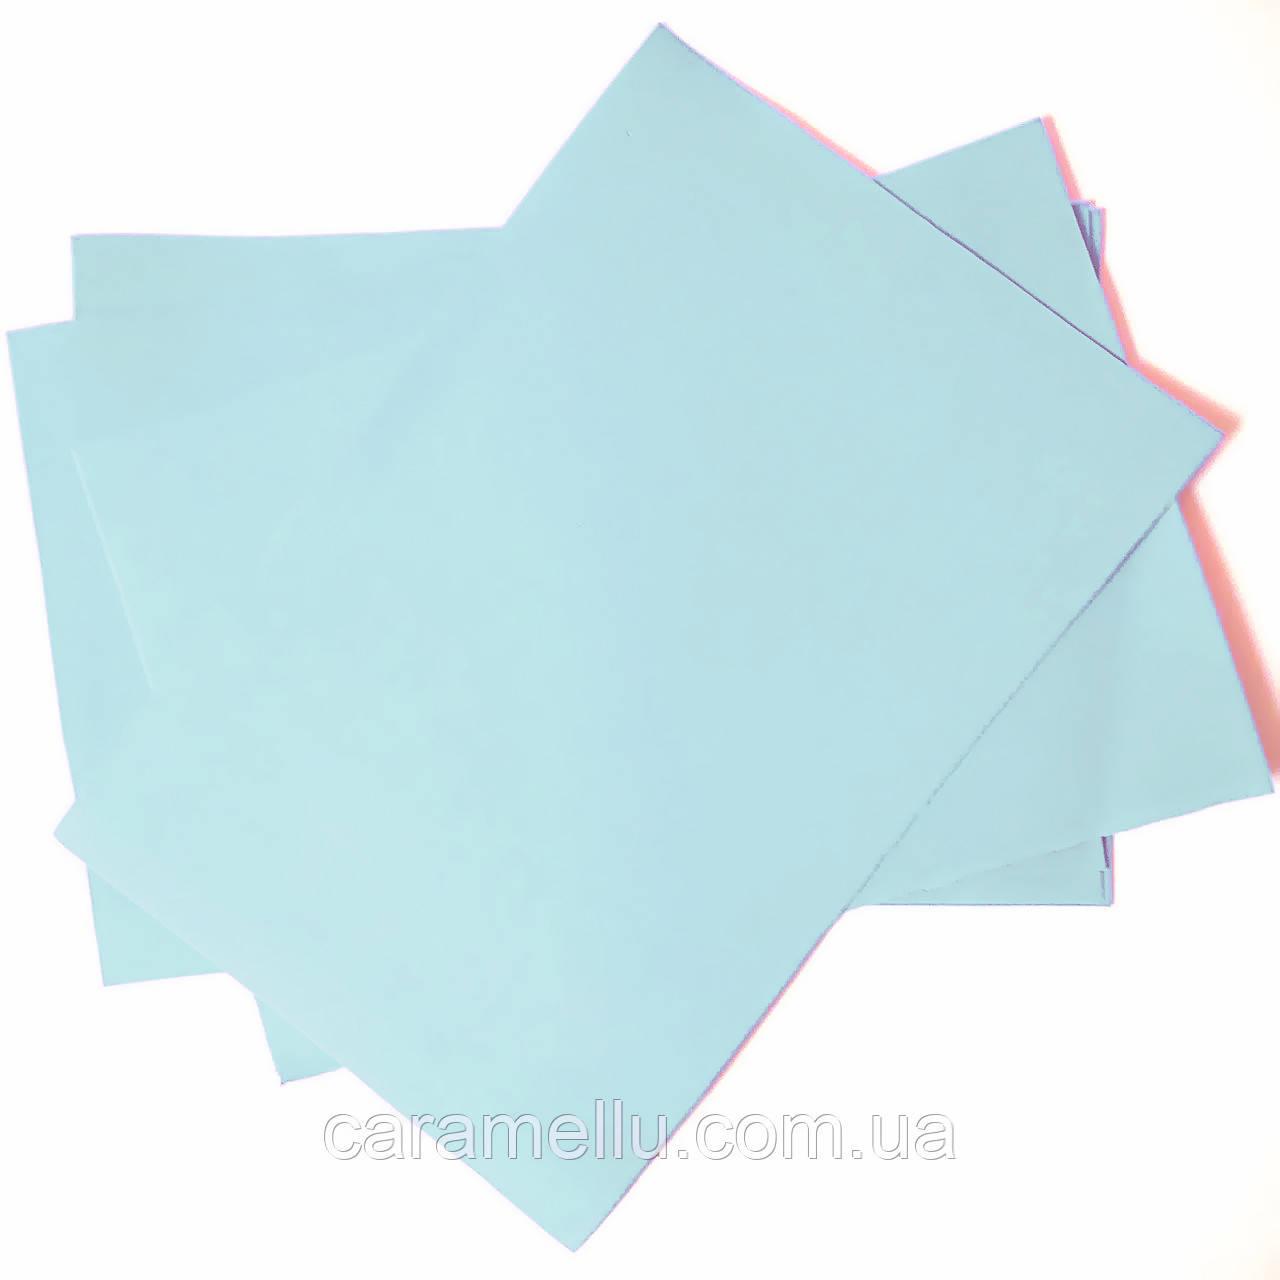 Фоамиран Зефирный Светло-Голубой, 1мм, 20×30см А4.